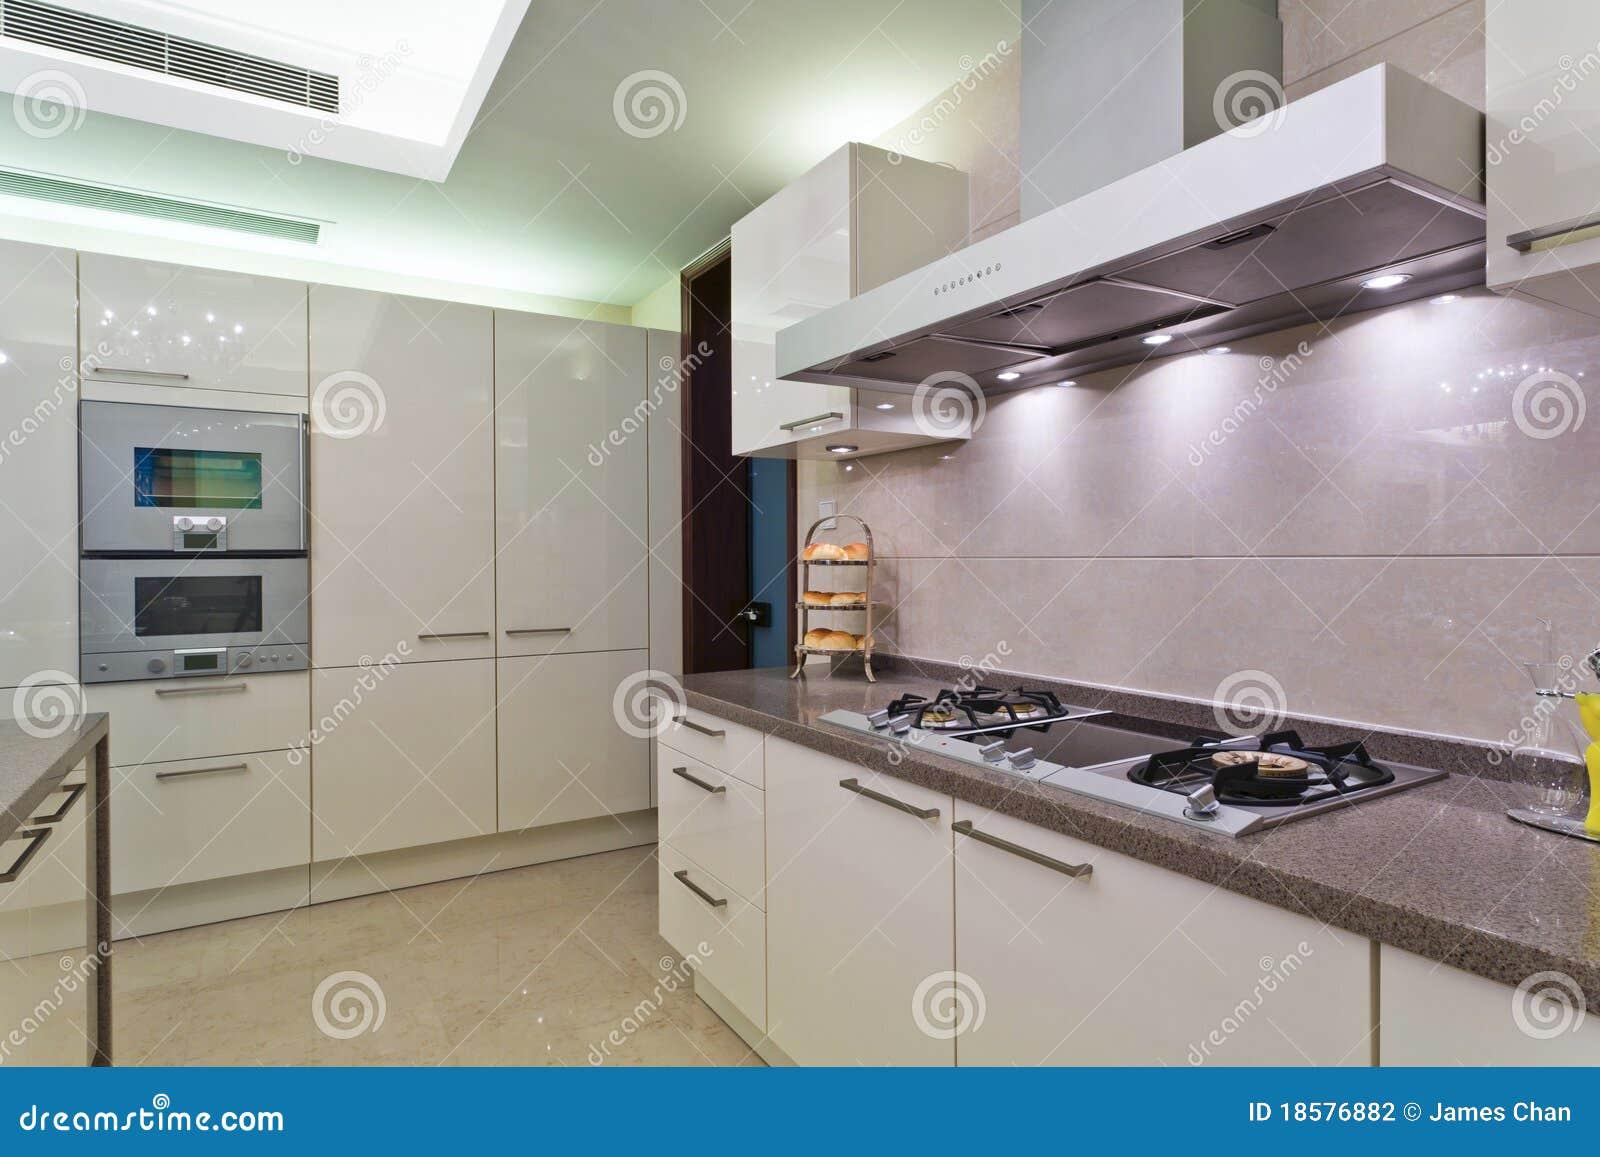 Witte keuken stock foto afbeelding bestaande uit venster 18576882 for Foto witte keuken